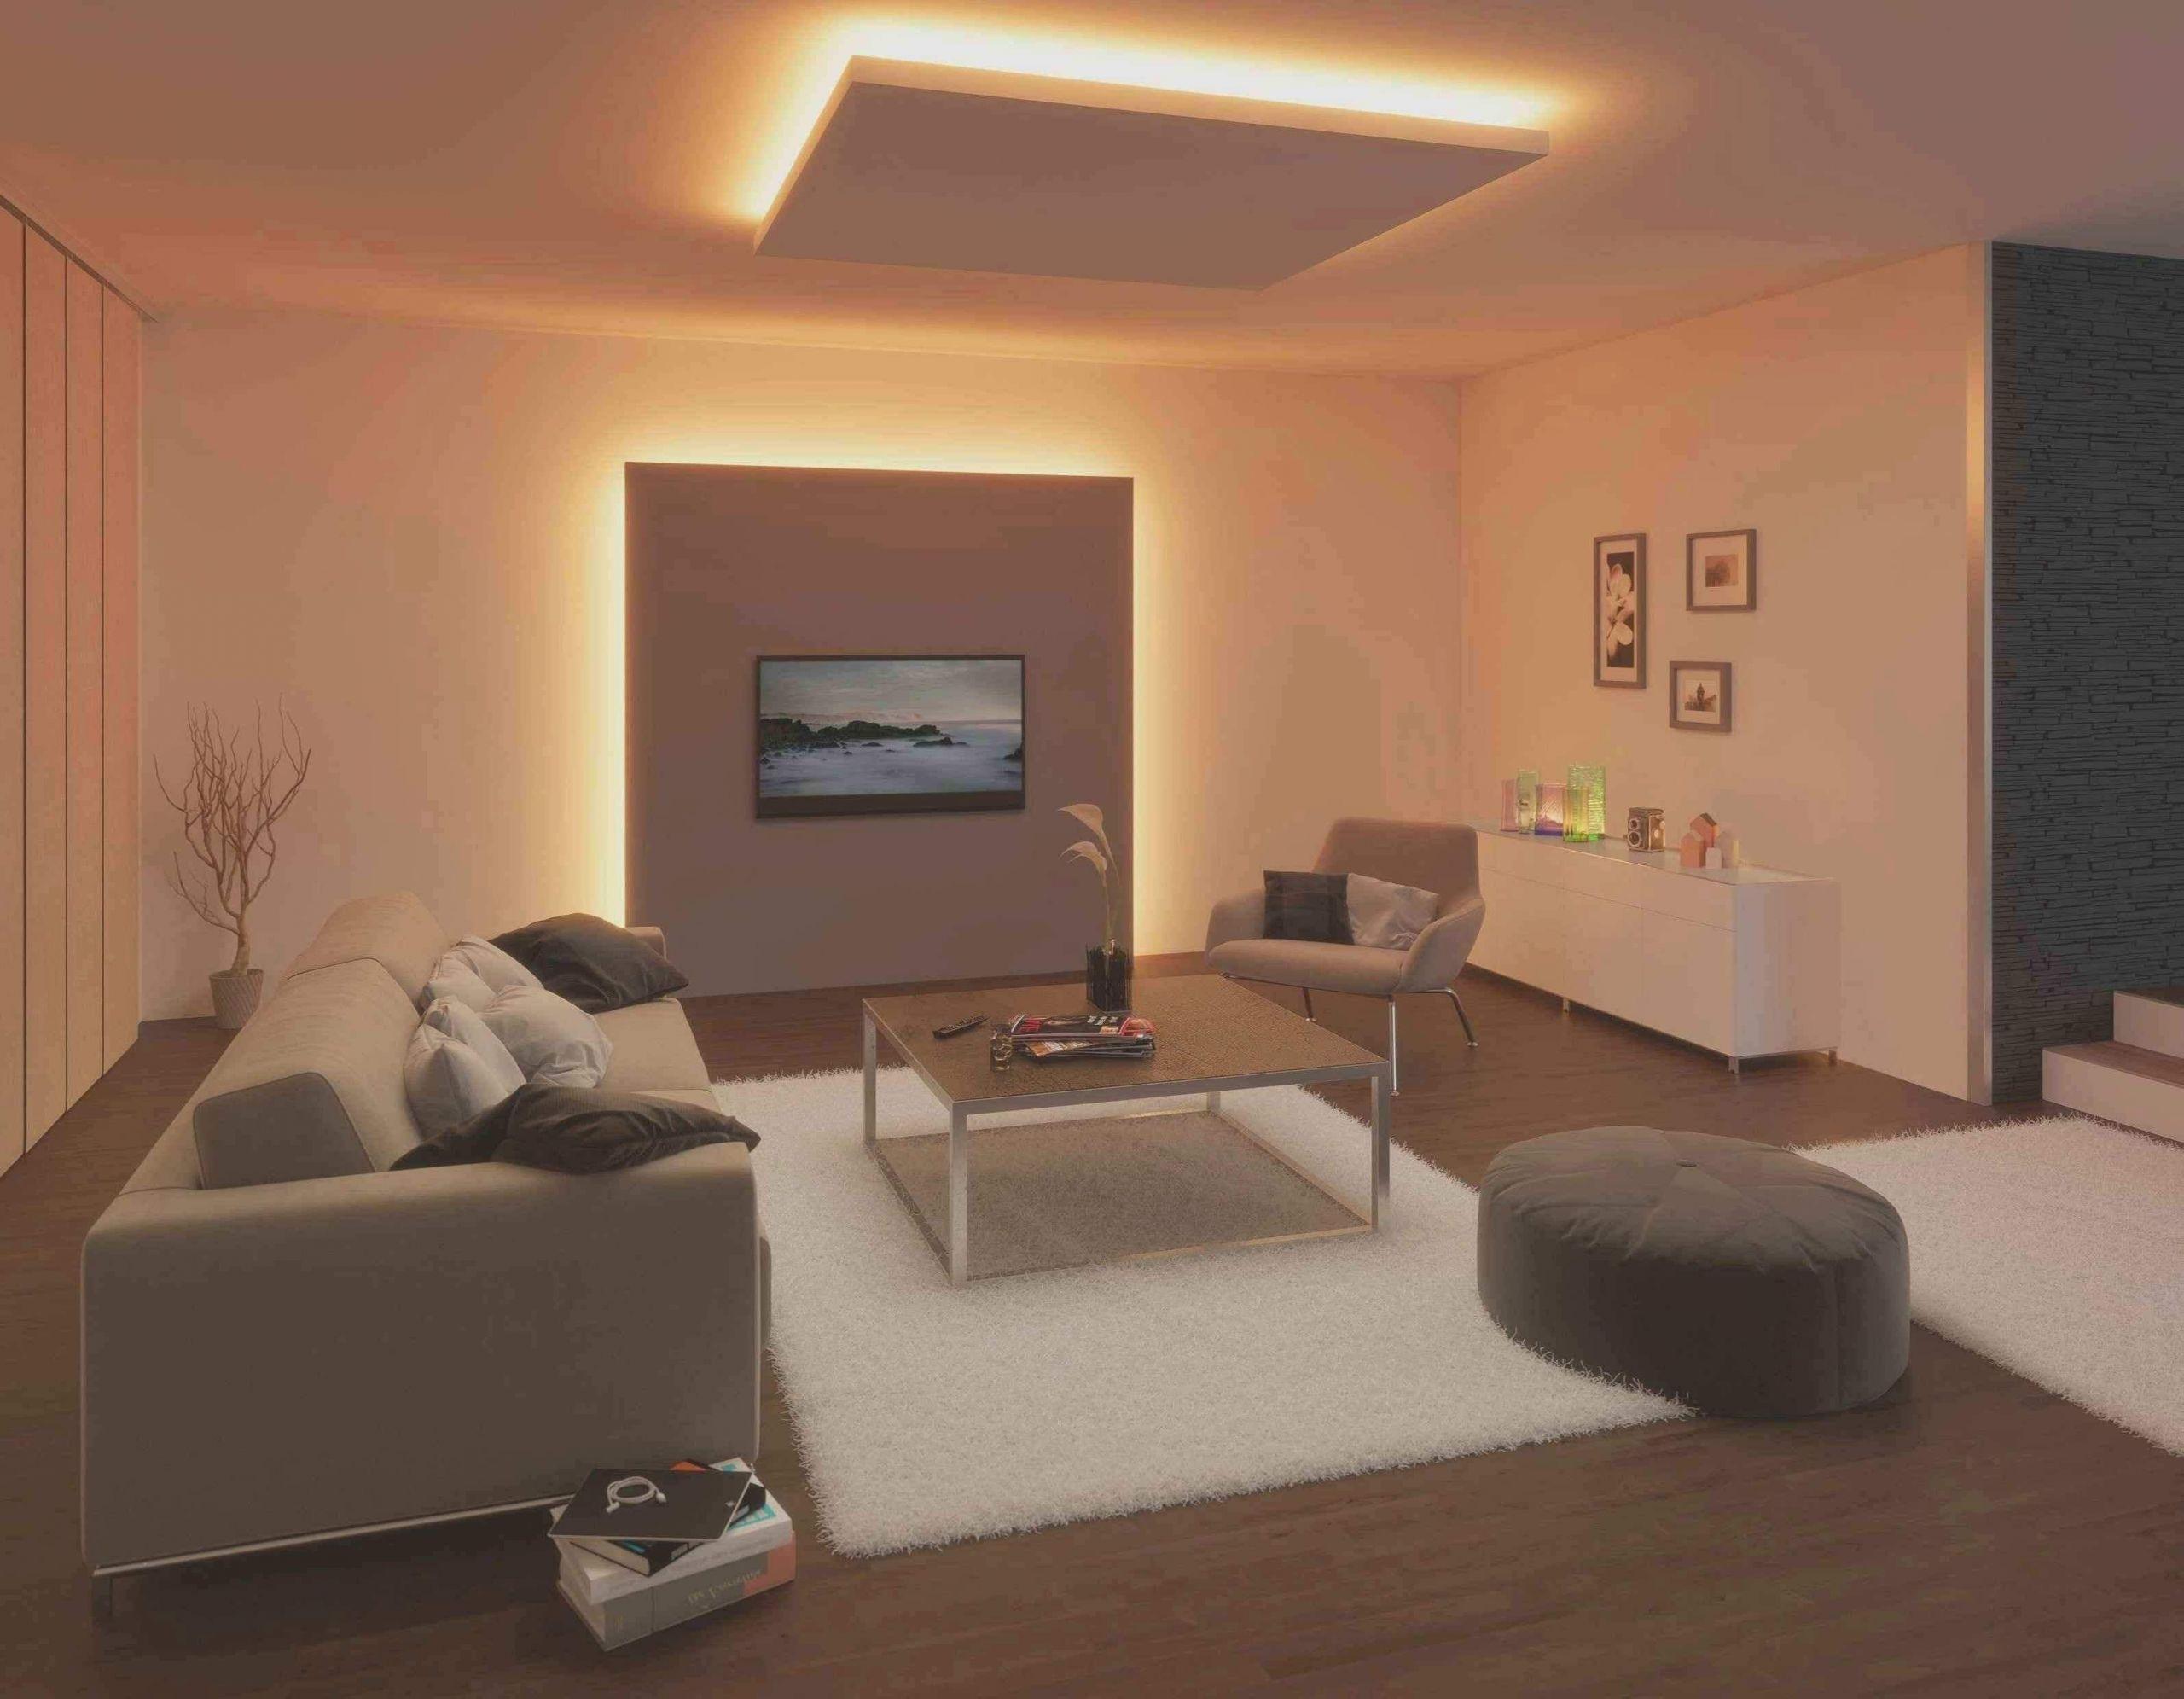 Full Size of Wohnzimmer Deckenleuchte Dimmbar Modern Deckenleuchten Amazon Ikea Led Messing Schn 50 Luxus Von Fototapeten Schlafzimmer Komplett Decken Teppiche Gardinen Wohnzimmer Wohnzimmer Deckenleuchte